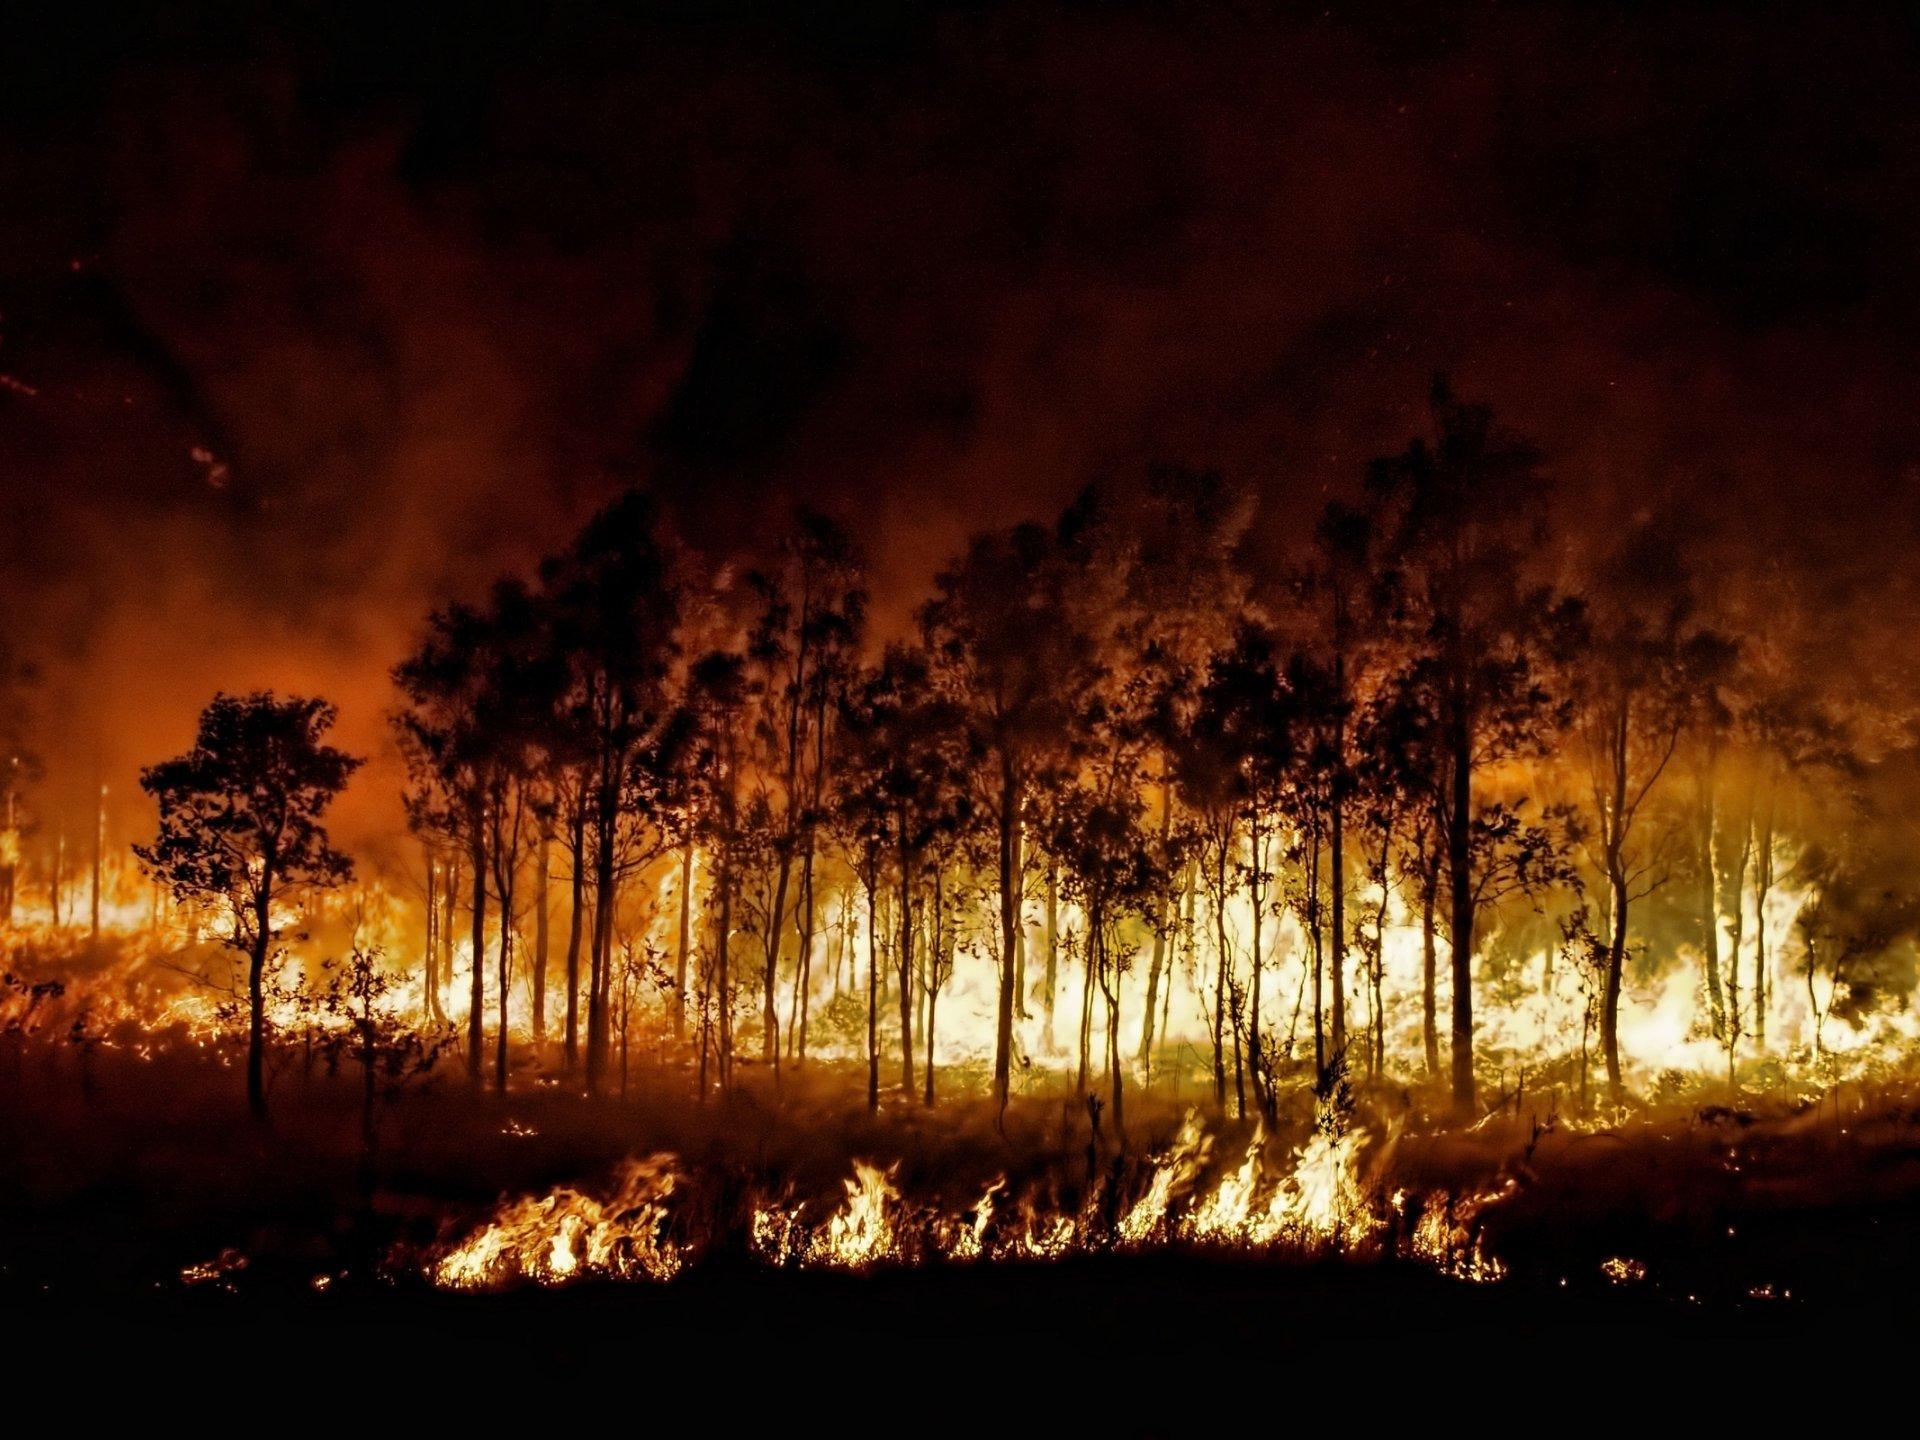 картинки лесов в огне этой